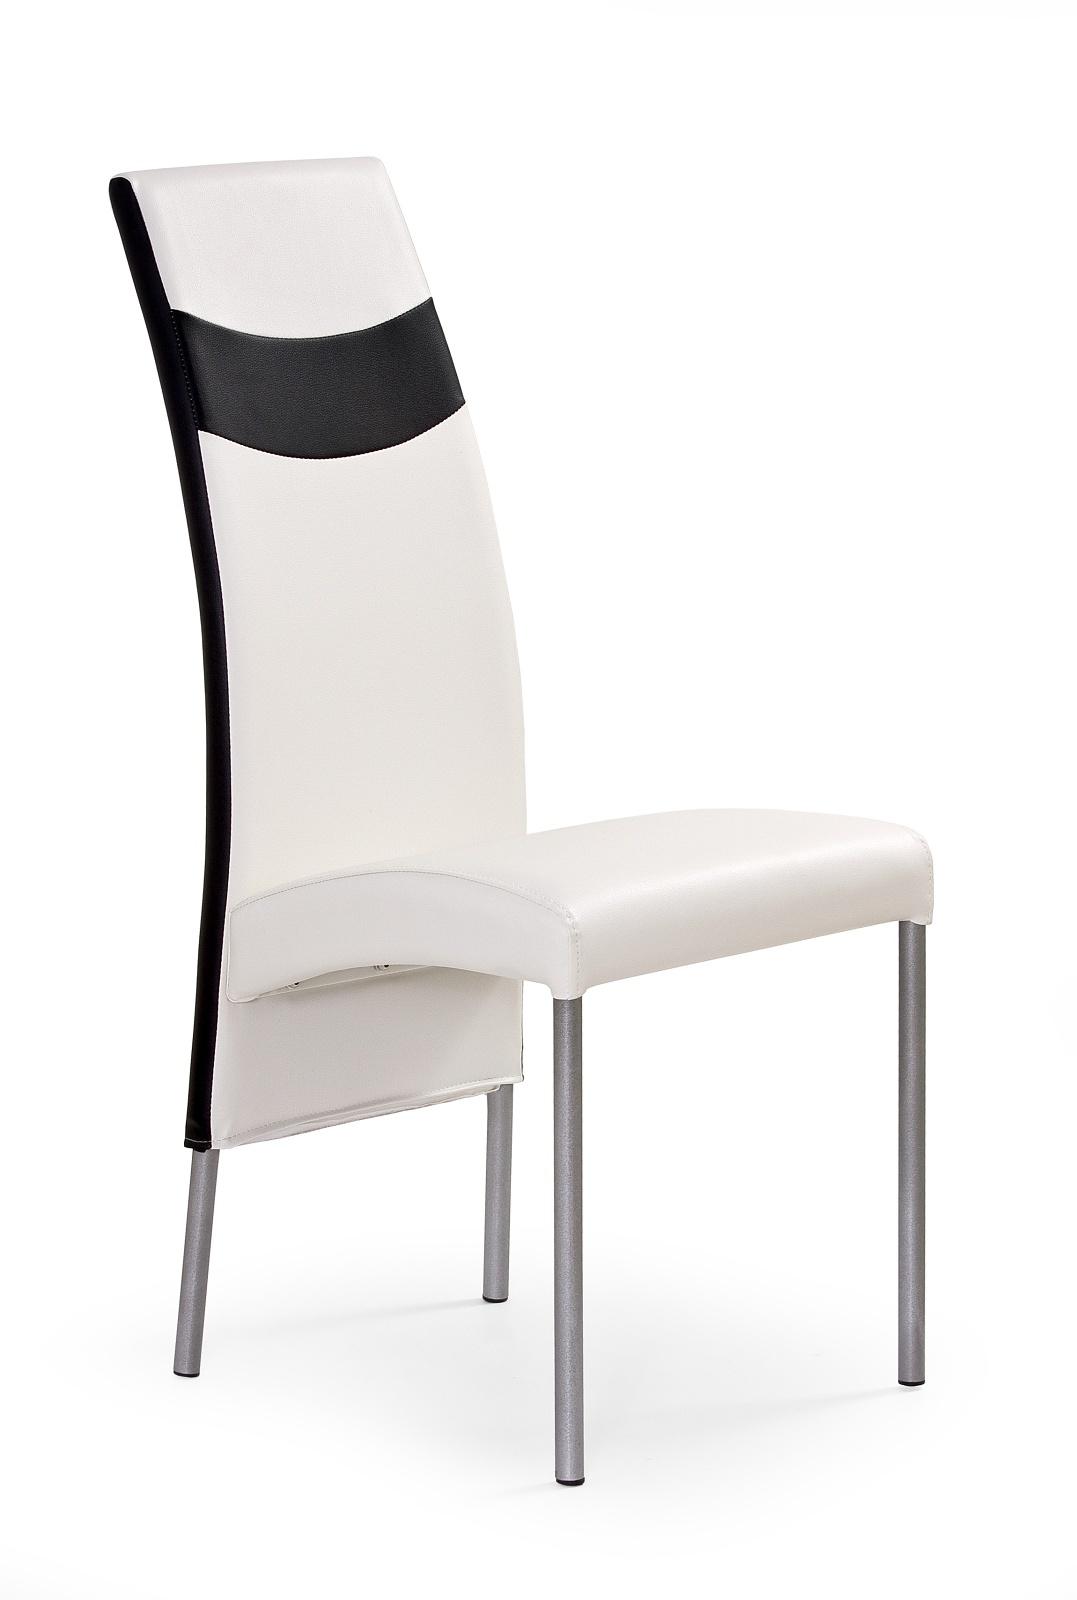 Jídelní židle - Halmar - K51 bílá + černá